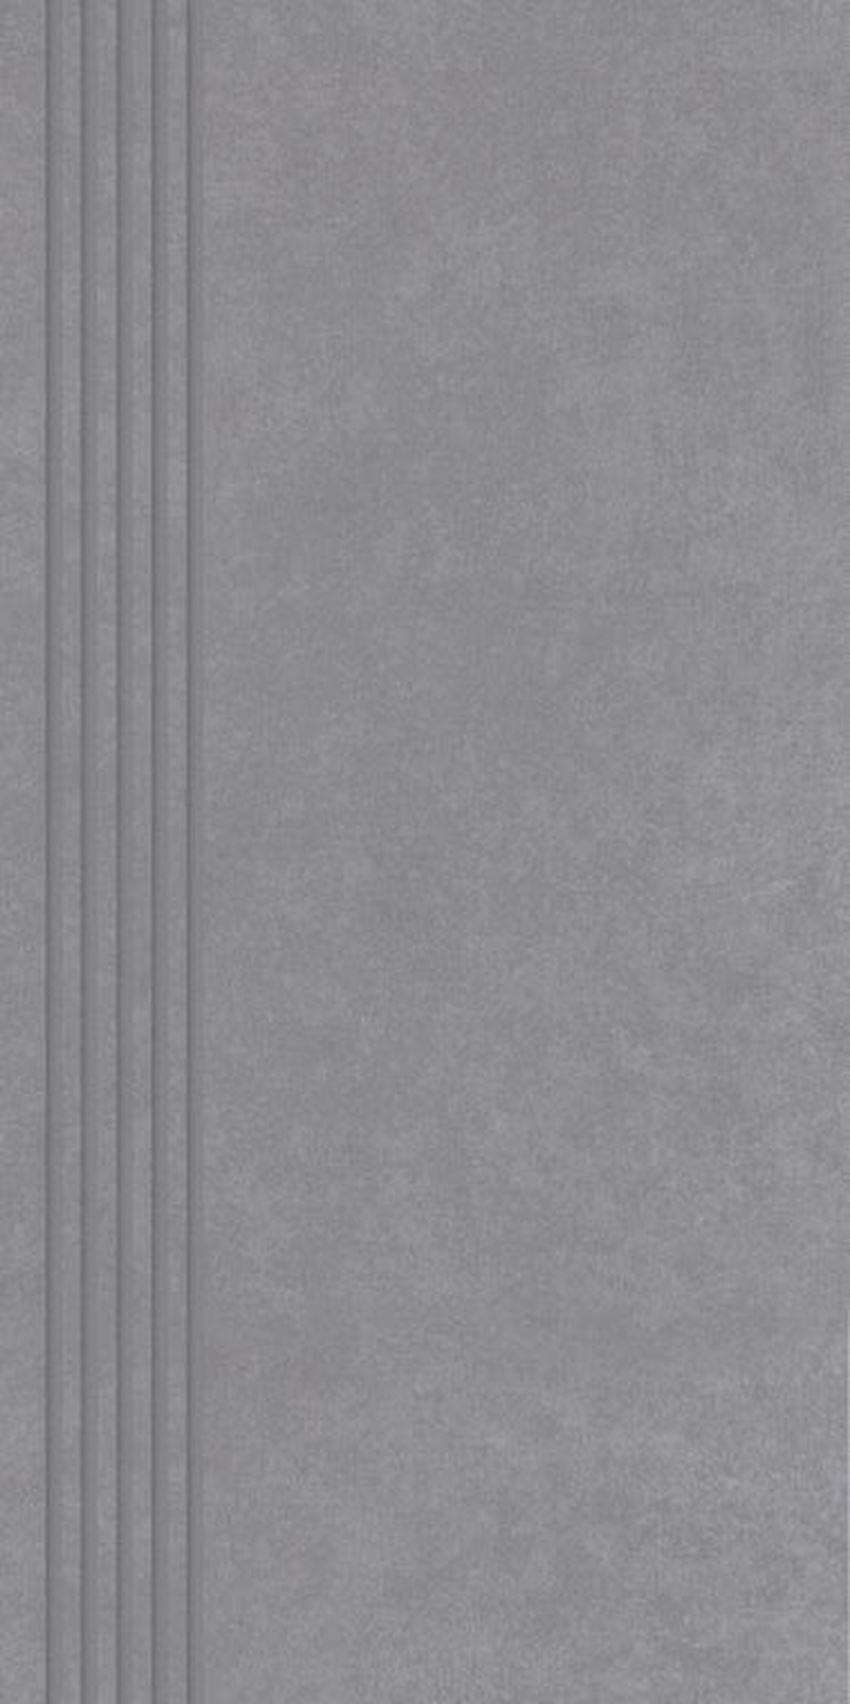 Płytka stopnicowa 29,8x59,8 cm Paradyż Tero Grafit Stopnica Prosta Nacinana Półpoler